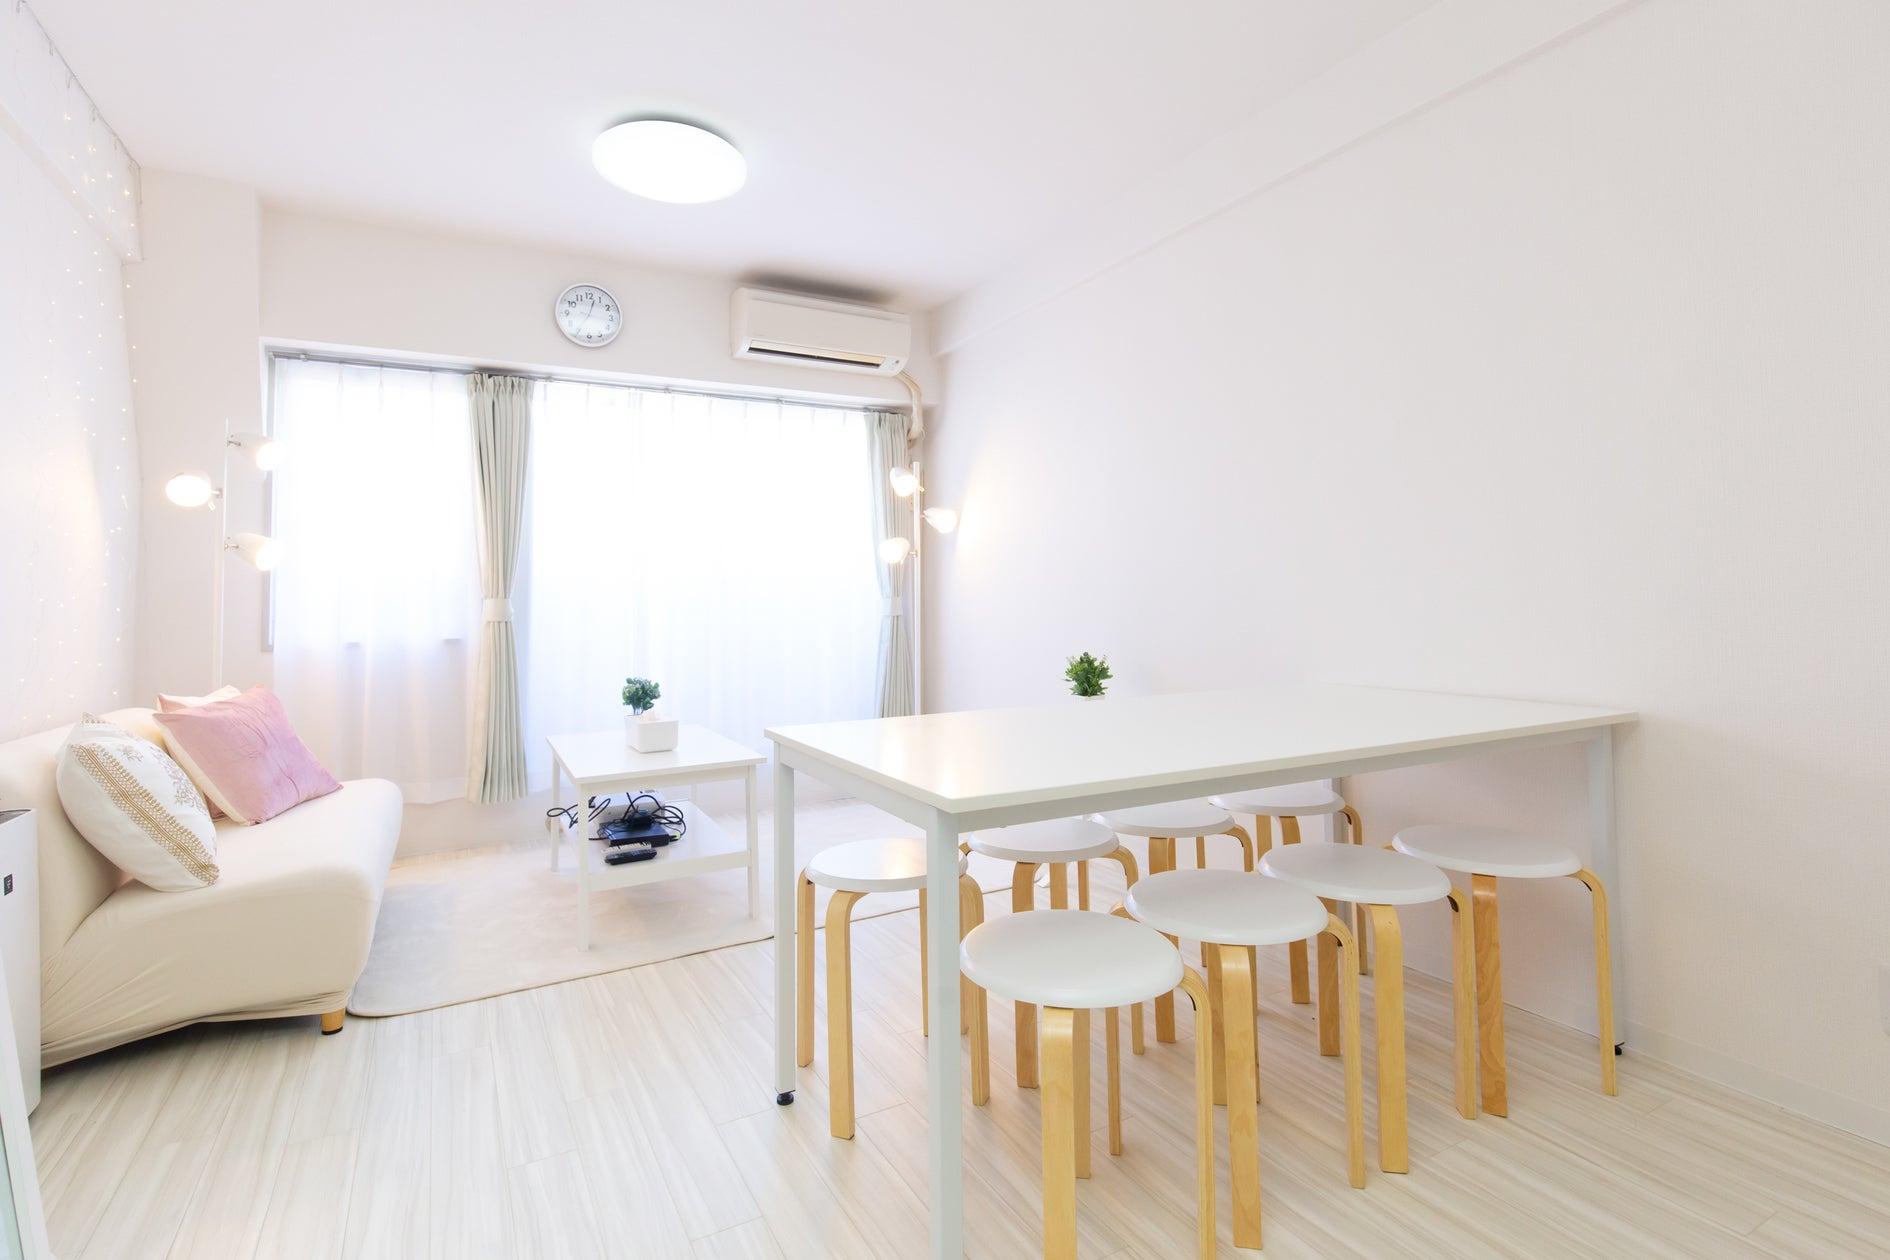 TS00116【渋谷】真っ白なクリエイティブ空間♪ワークショップ/パーティー/女子会/プロジェクター/撮影/24h の写真